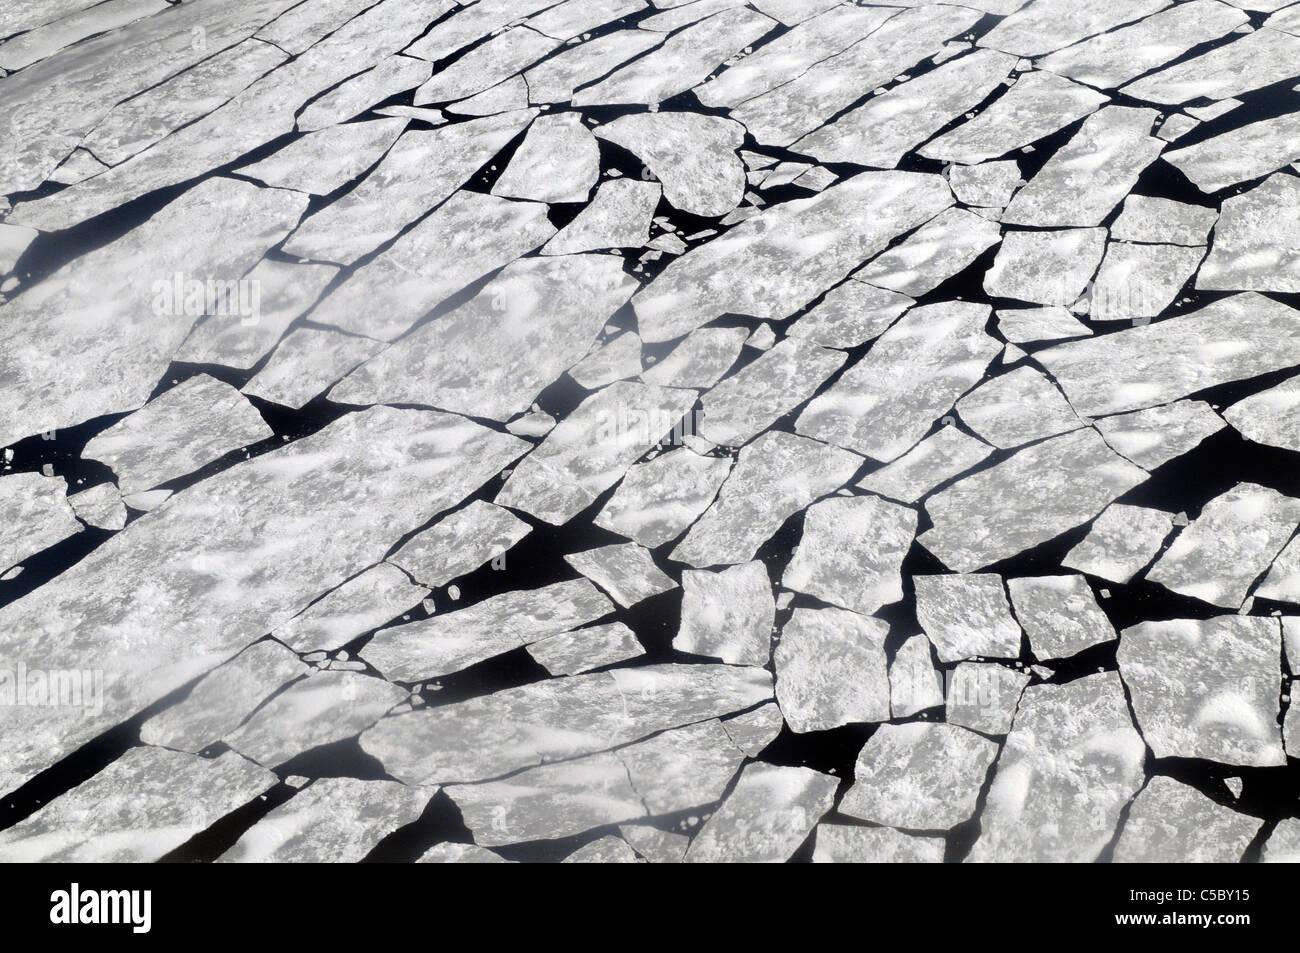 Rupture de la glace de mer à Terra Nova Bay l'Antarctique Photo Stock